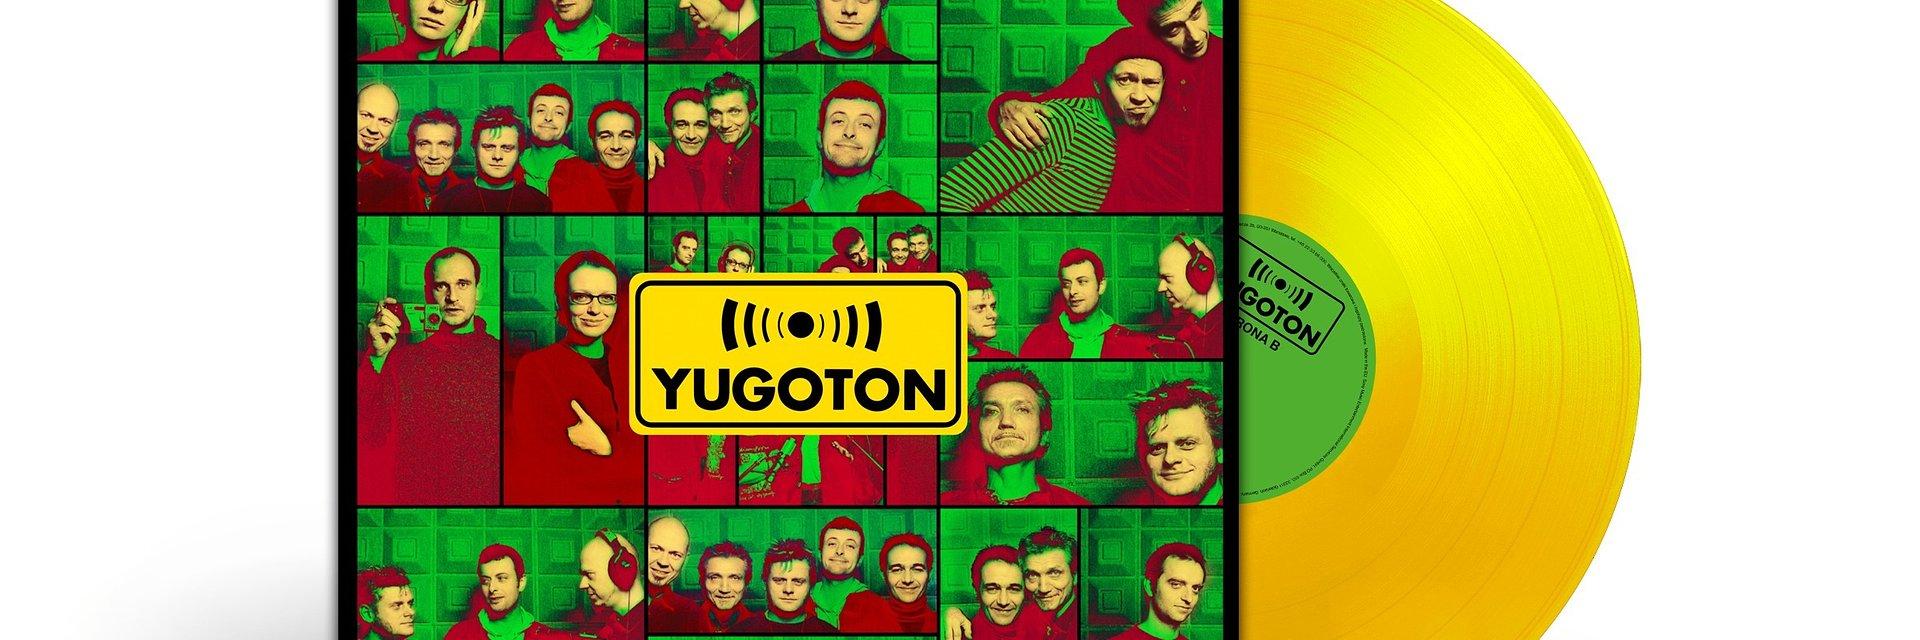 """Kolekcjonerskie wydanie albumu """"Yugoton"""" na żółtym winylu już w sprzedaży!"""